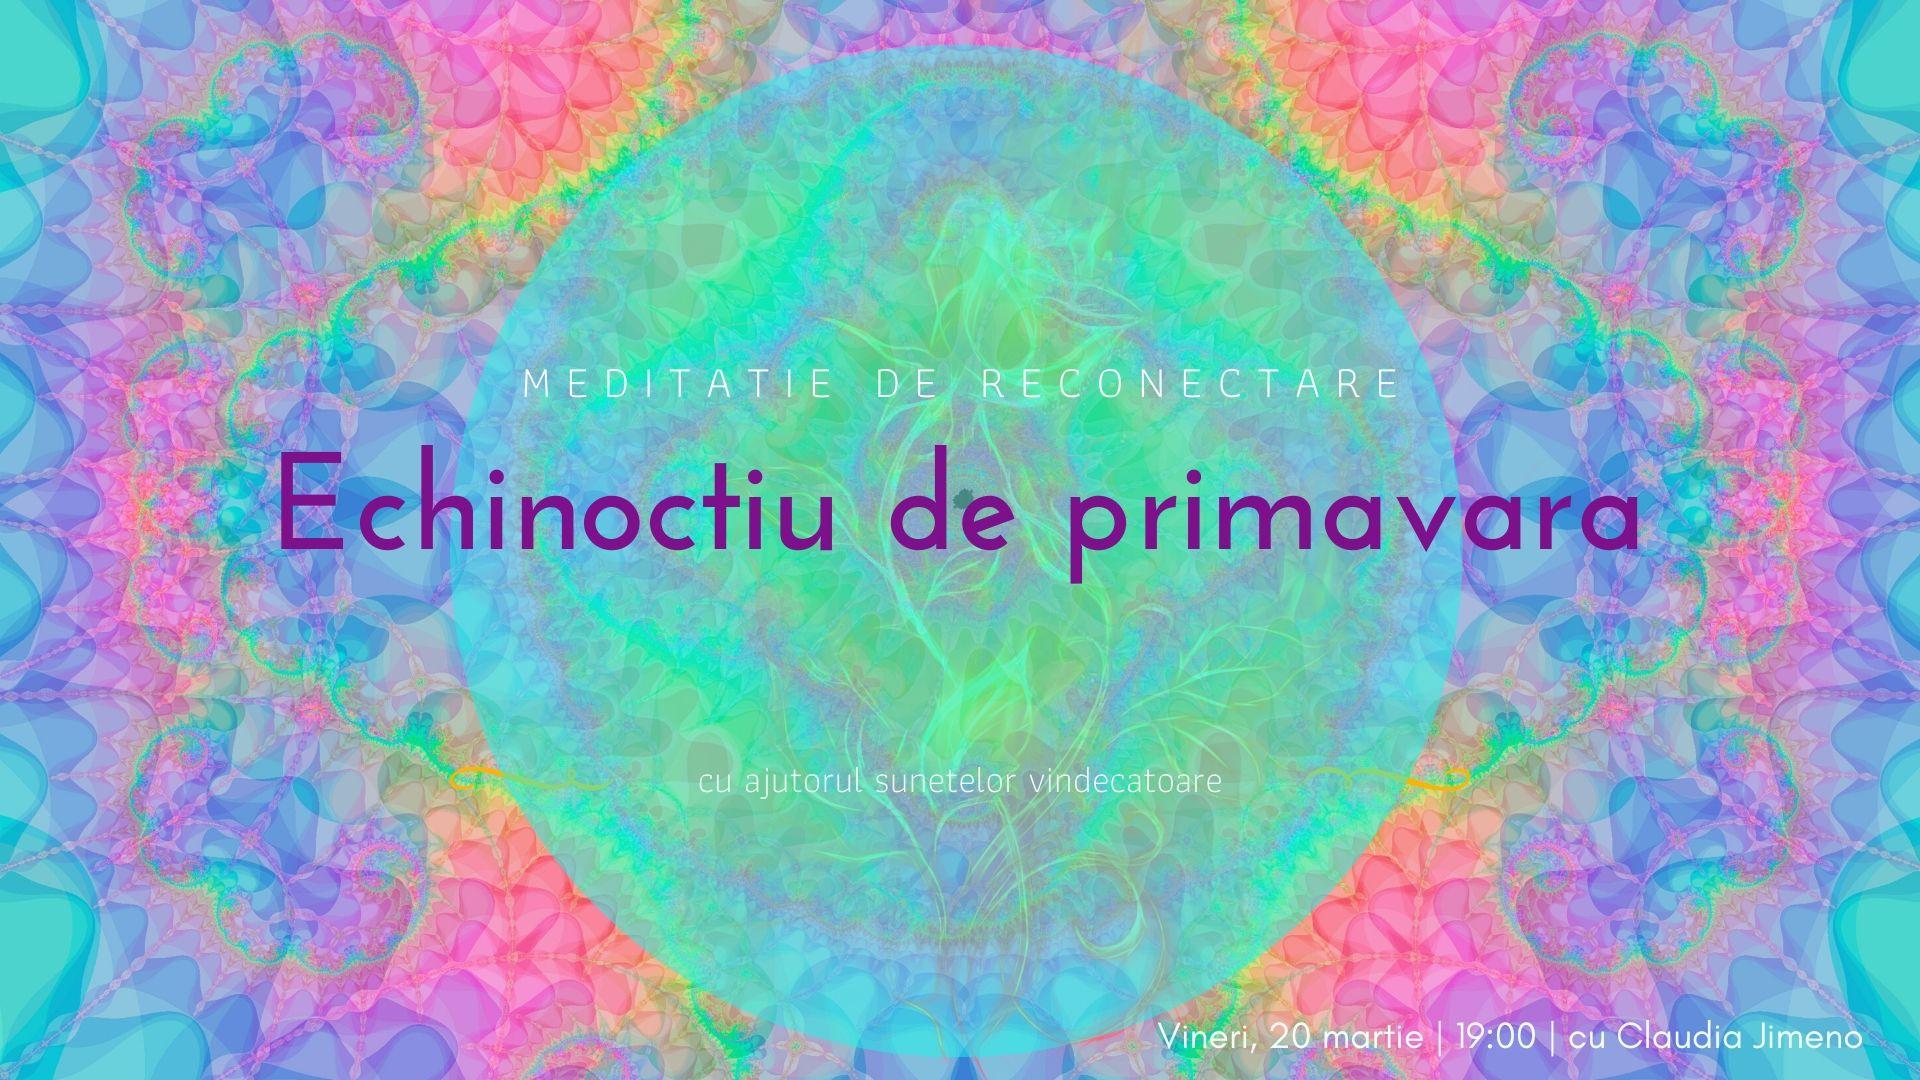 Meditatie cu sunete vindecatoare echinoctiu de primavara